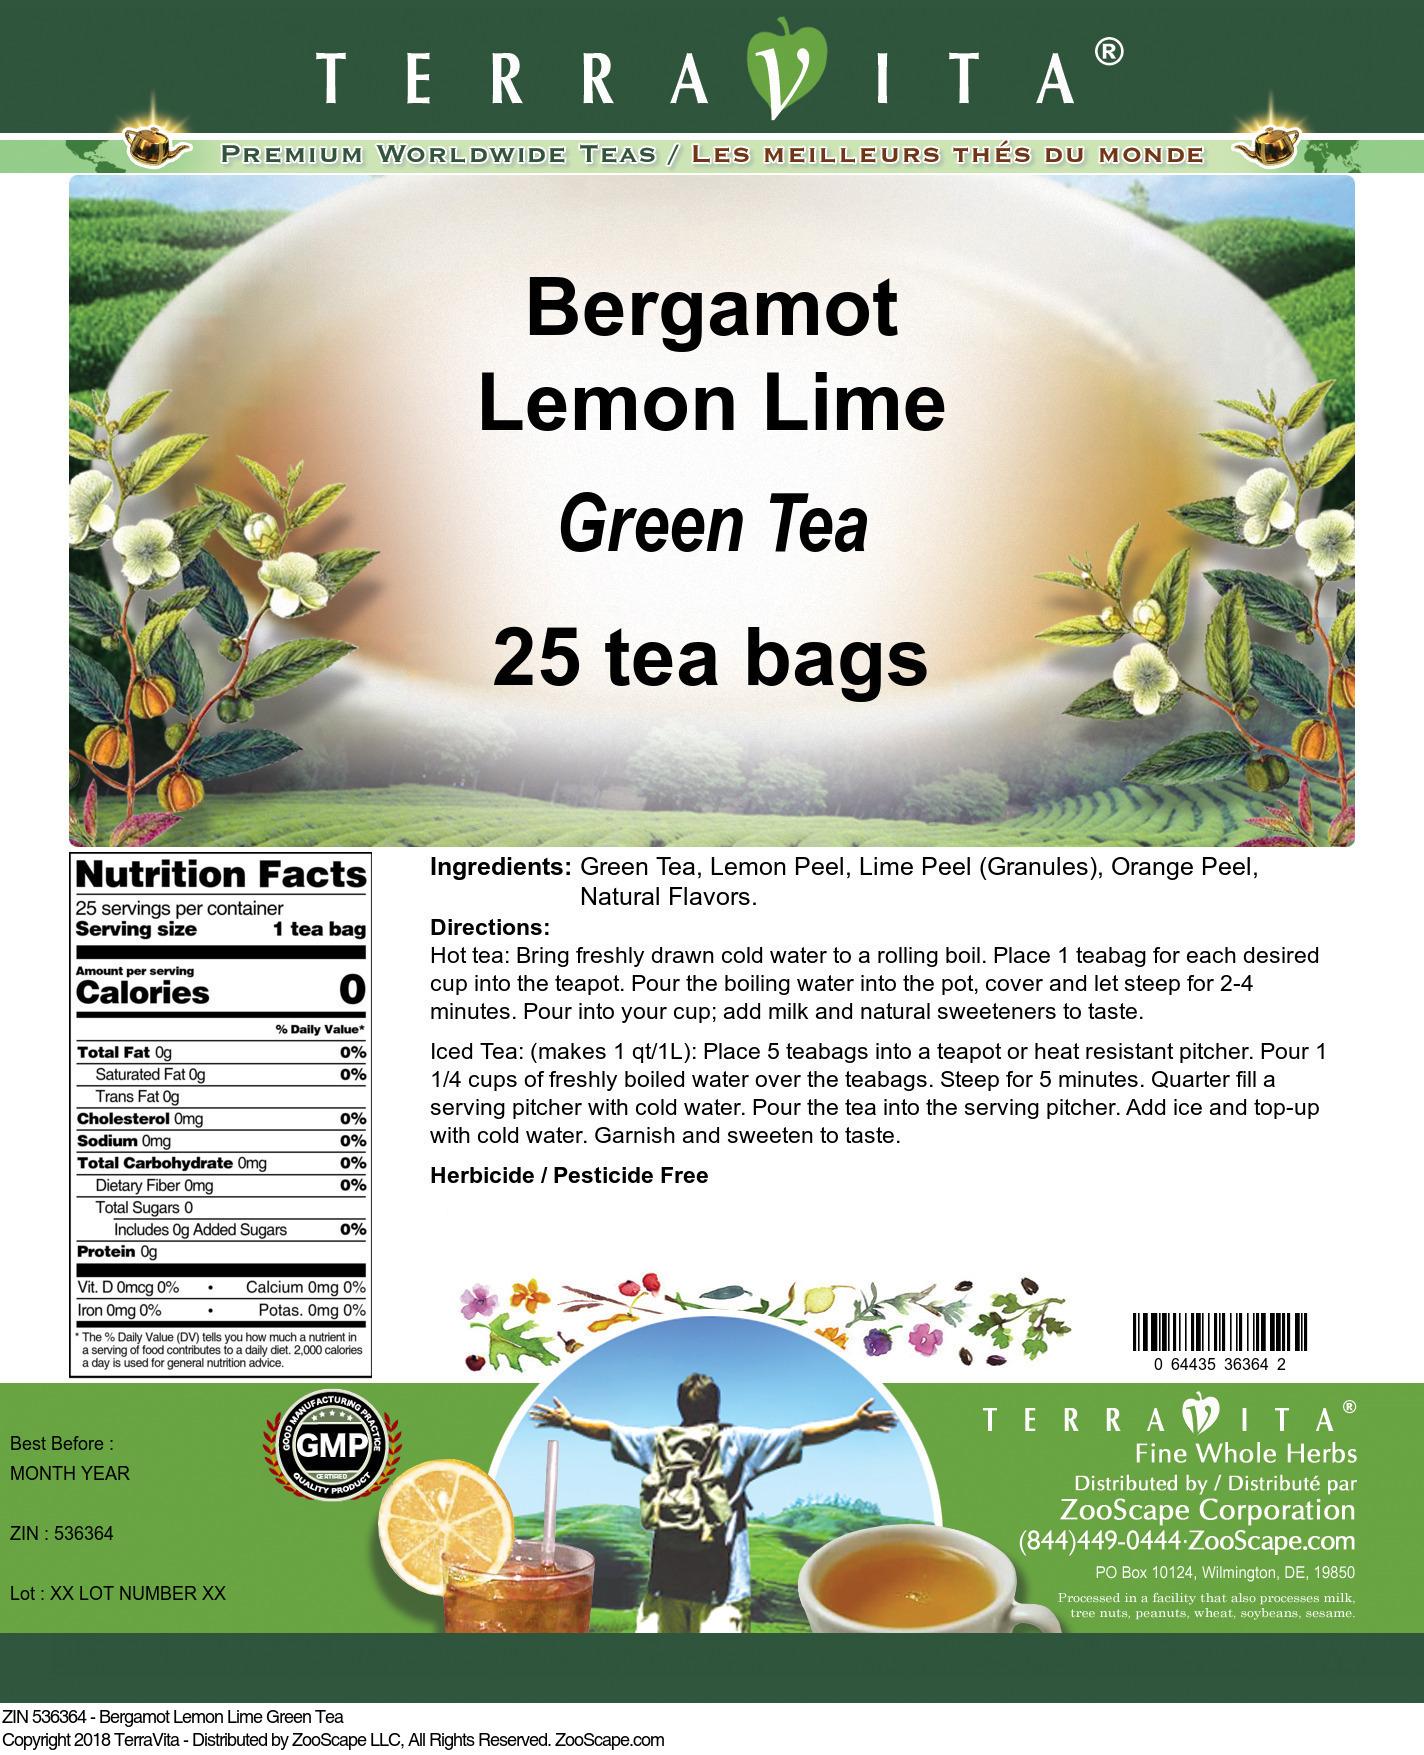 Bergamot Lemon Lime Green Tea